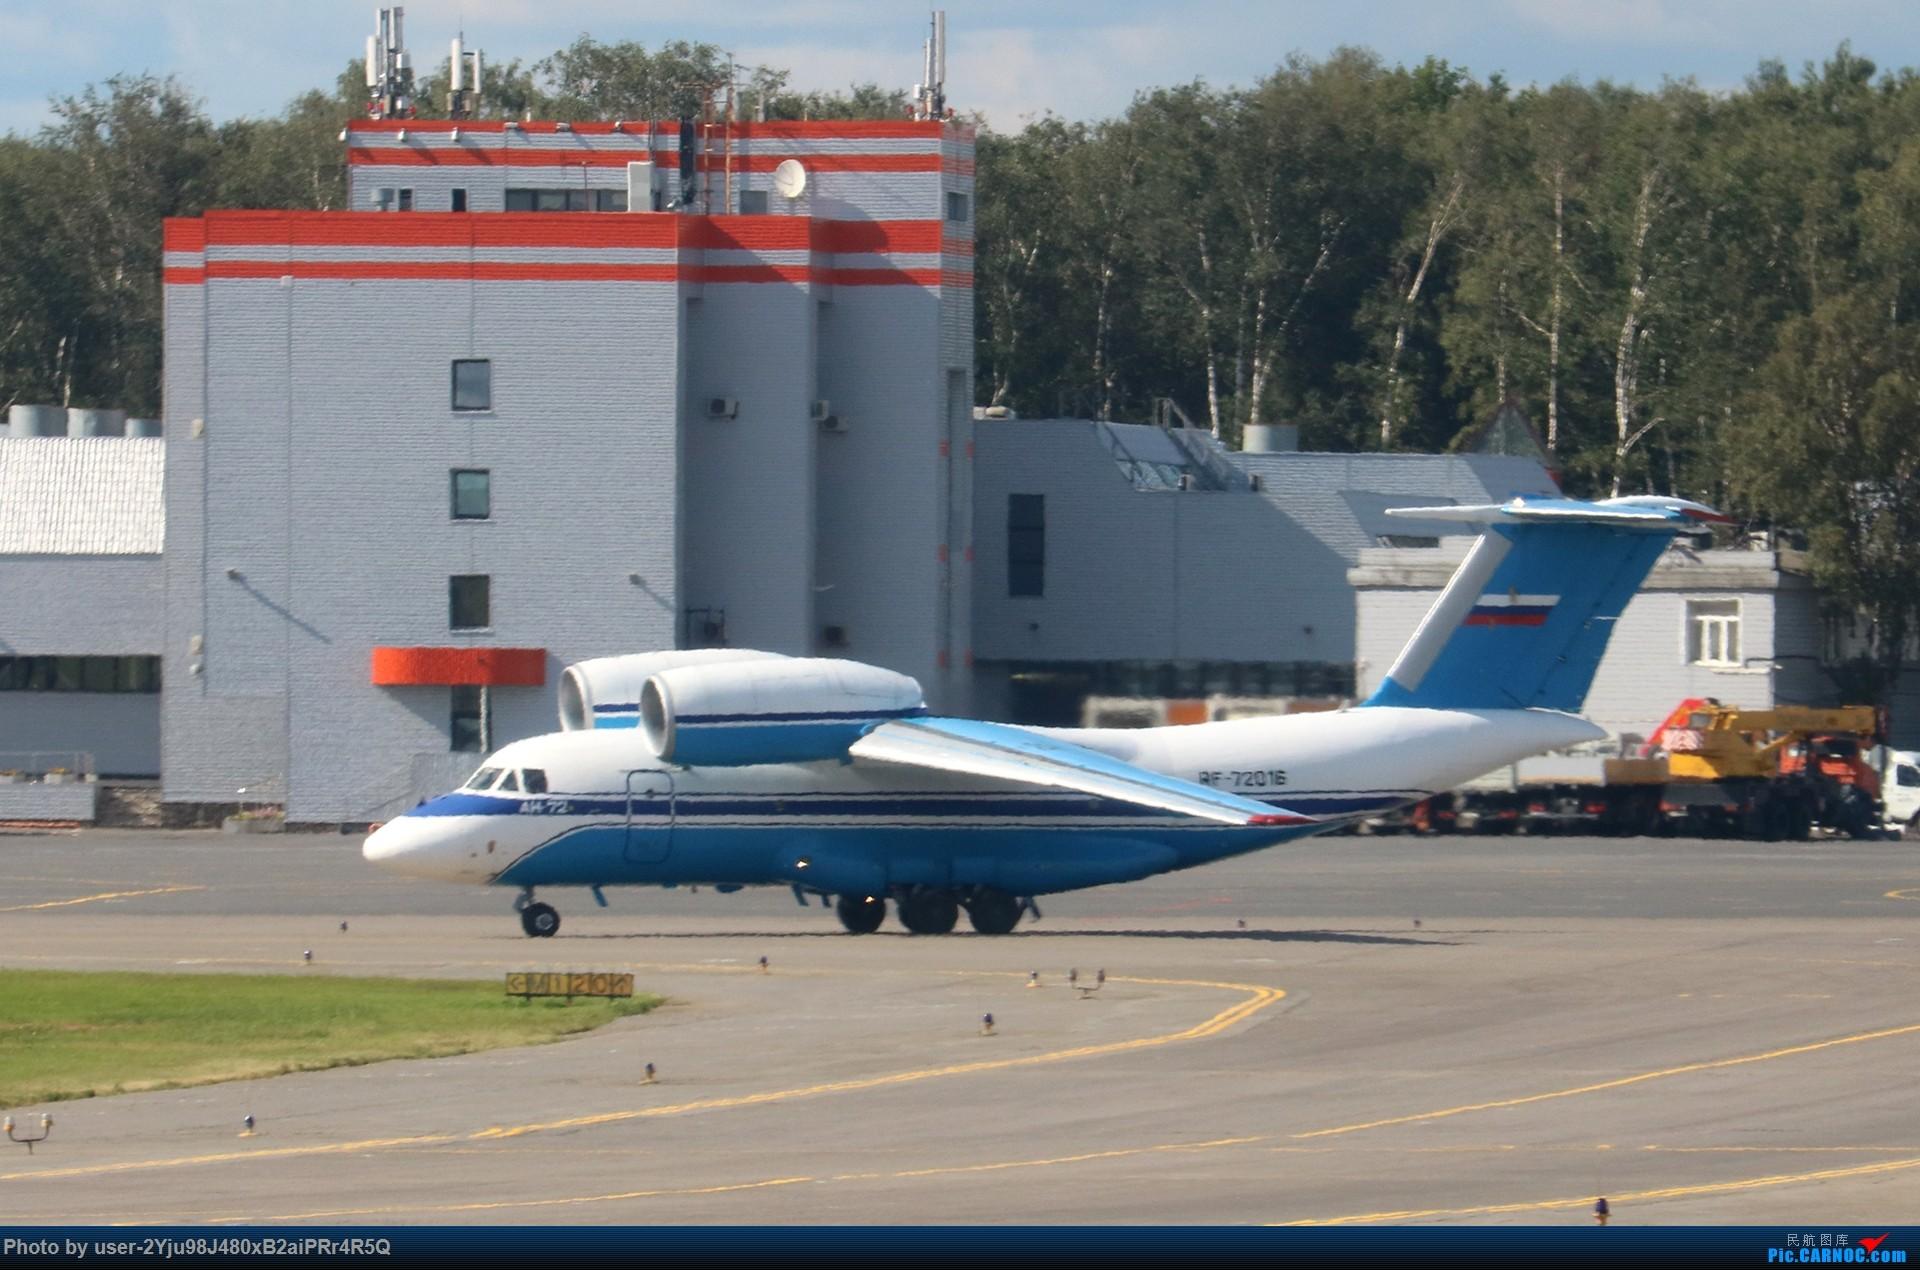 Re:[原创]LIULIU|一天两种机型三个国家四段航线五座城市的回家之路|西伯利亚上空的星光 ANTONOV AN-72 RF-72016 俄罗斯谢诺梅杰沃机场